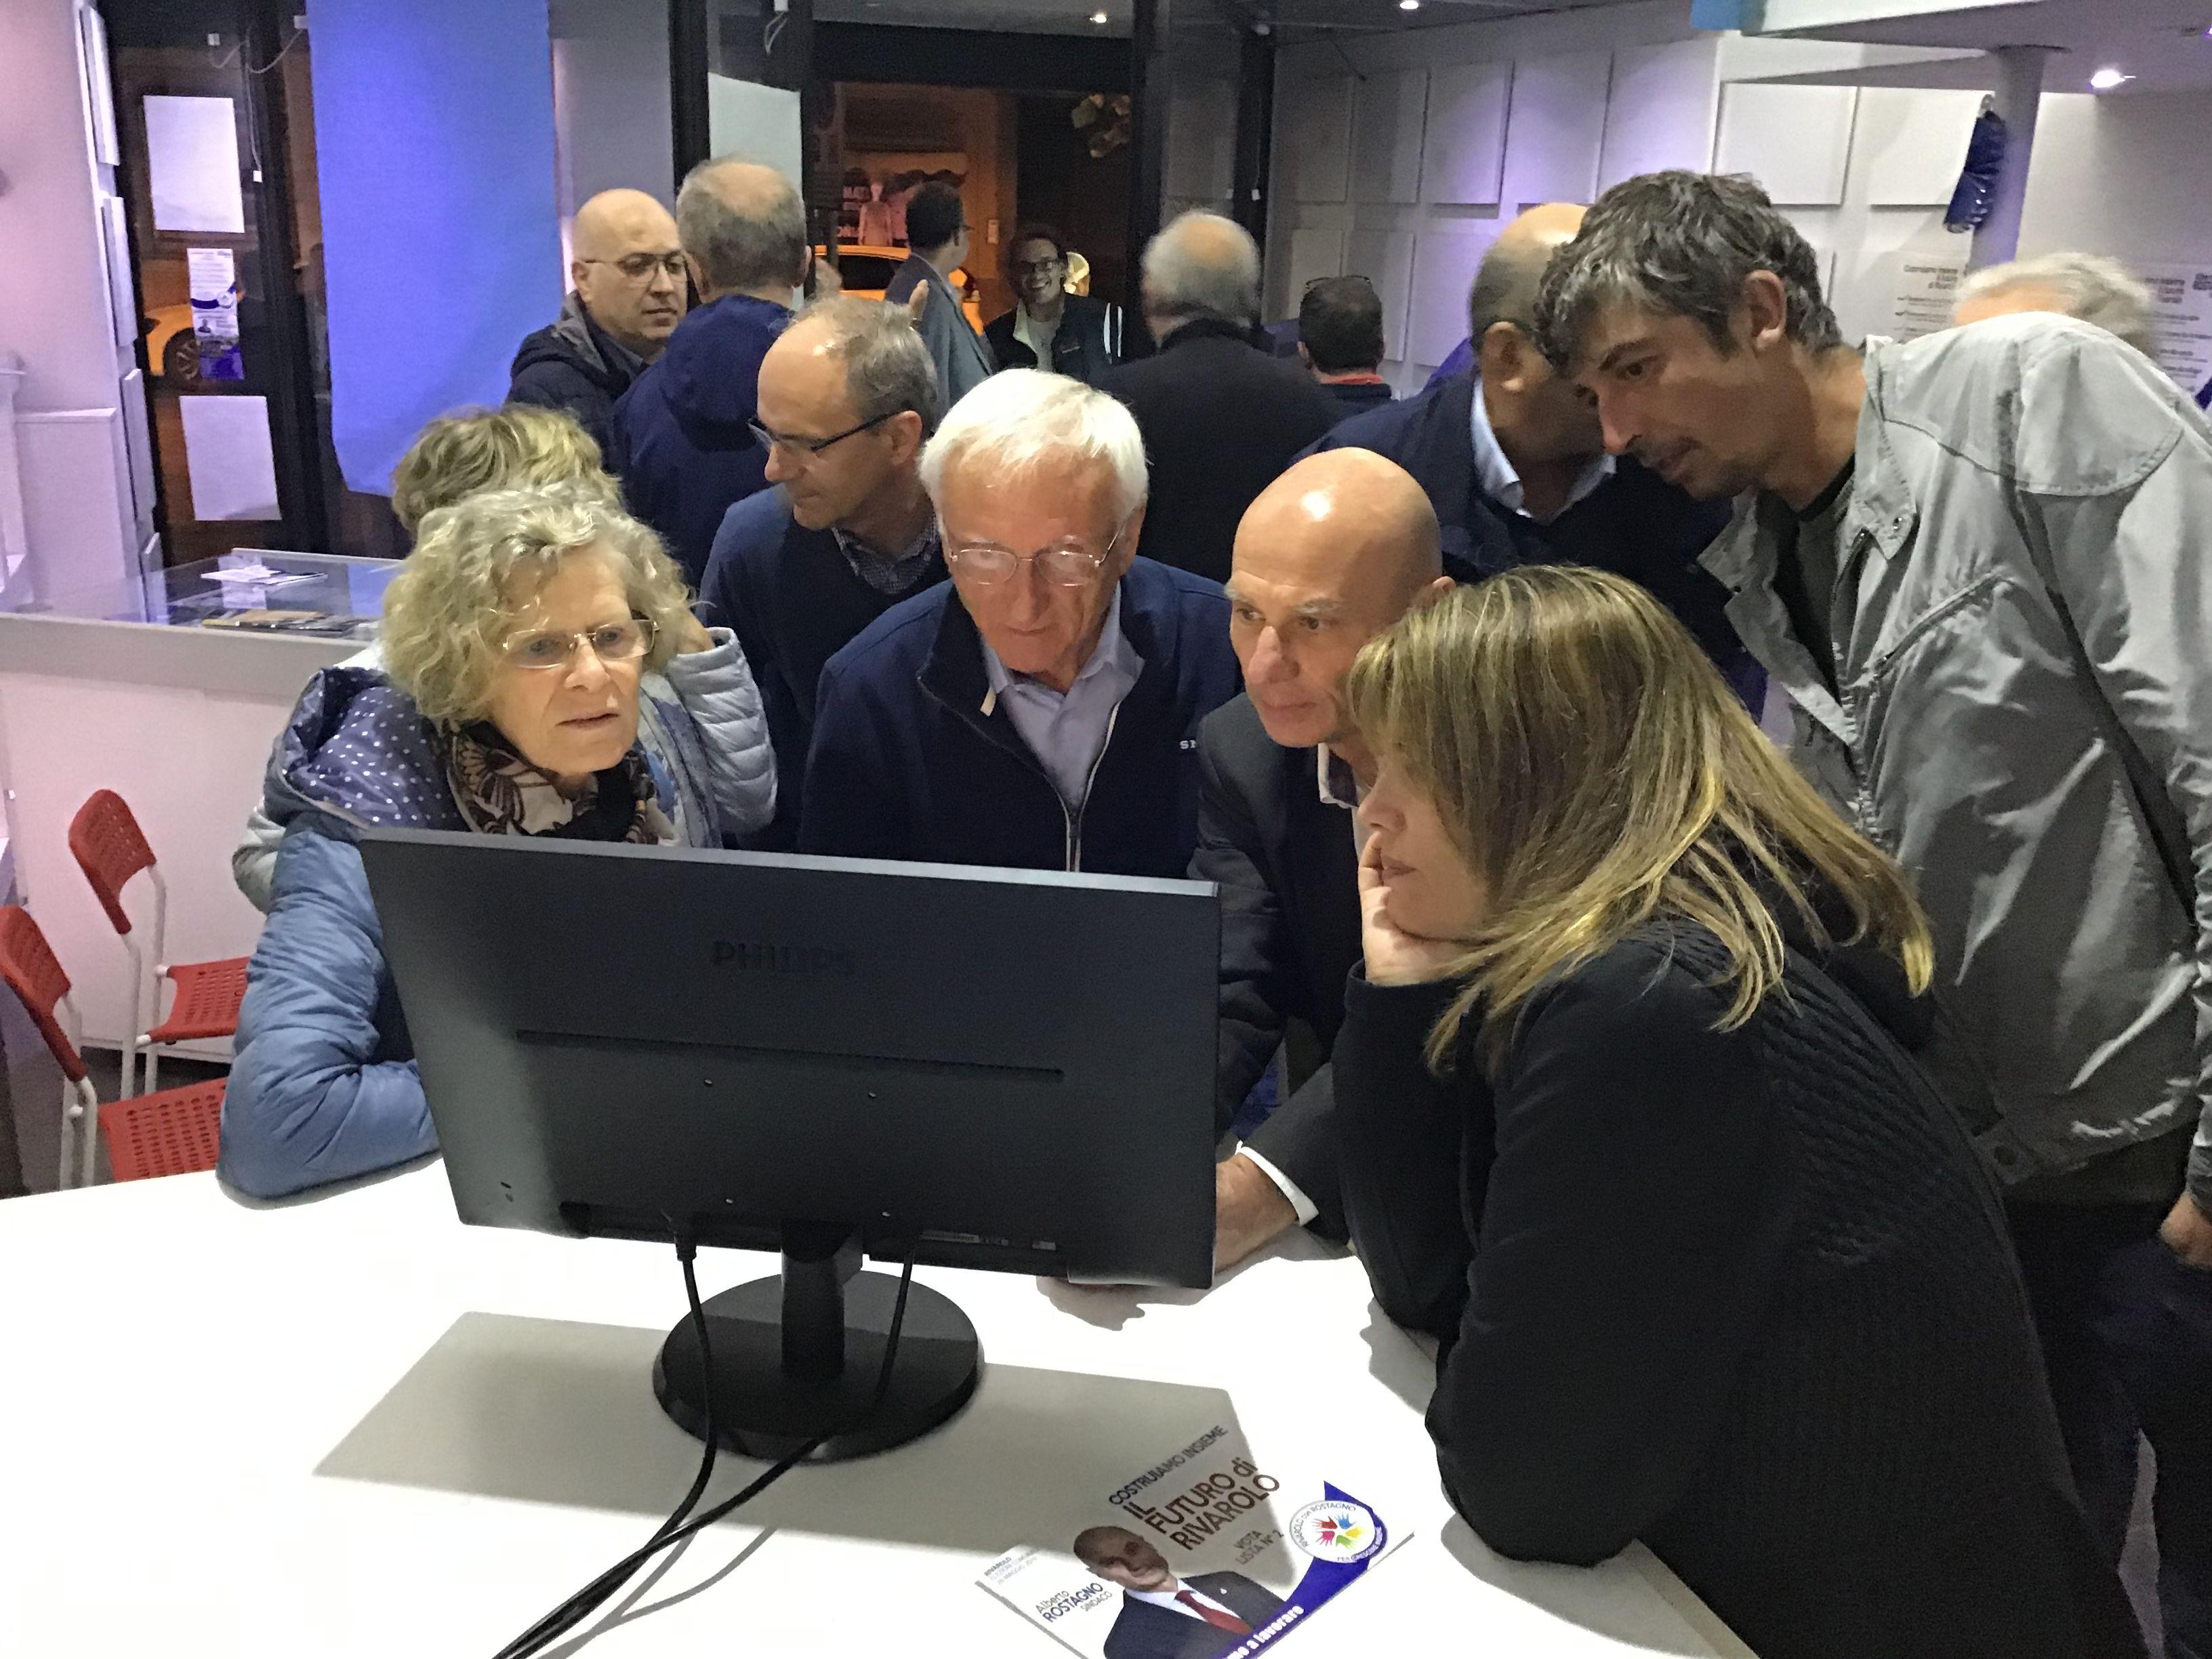 ELEZIONI RIVAROLO CANAVESE - Il sindaco uscente Alberto Rostagno verso la vittoria